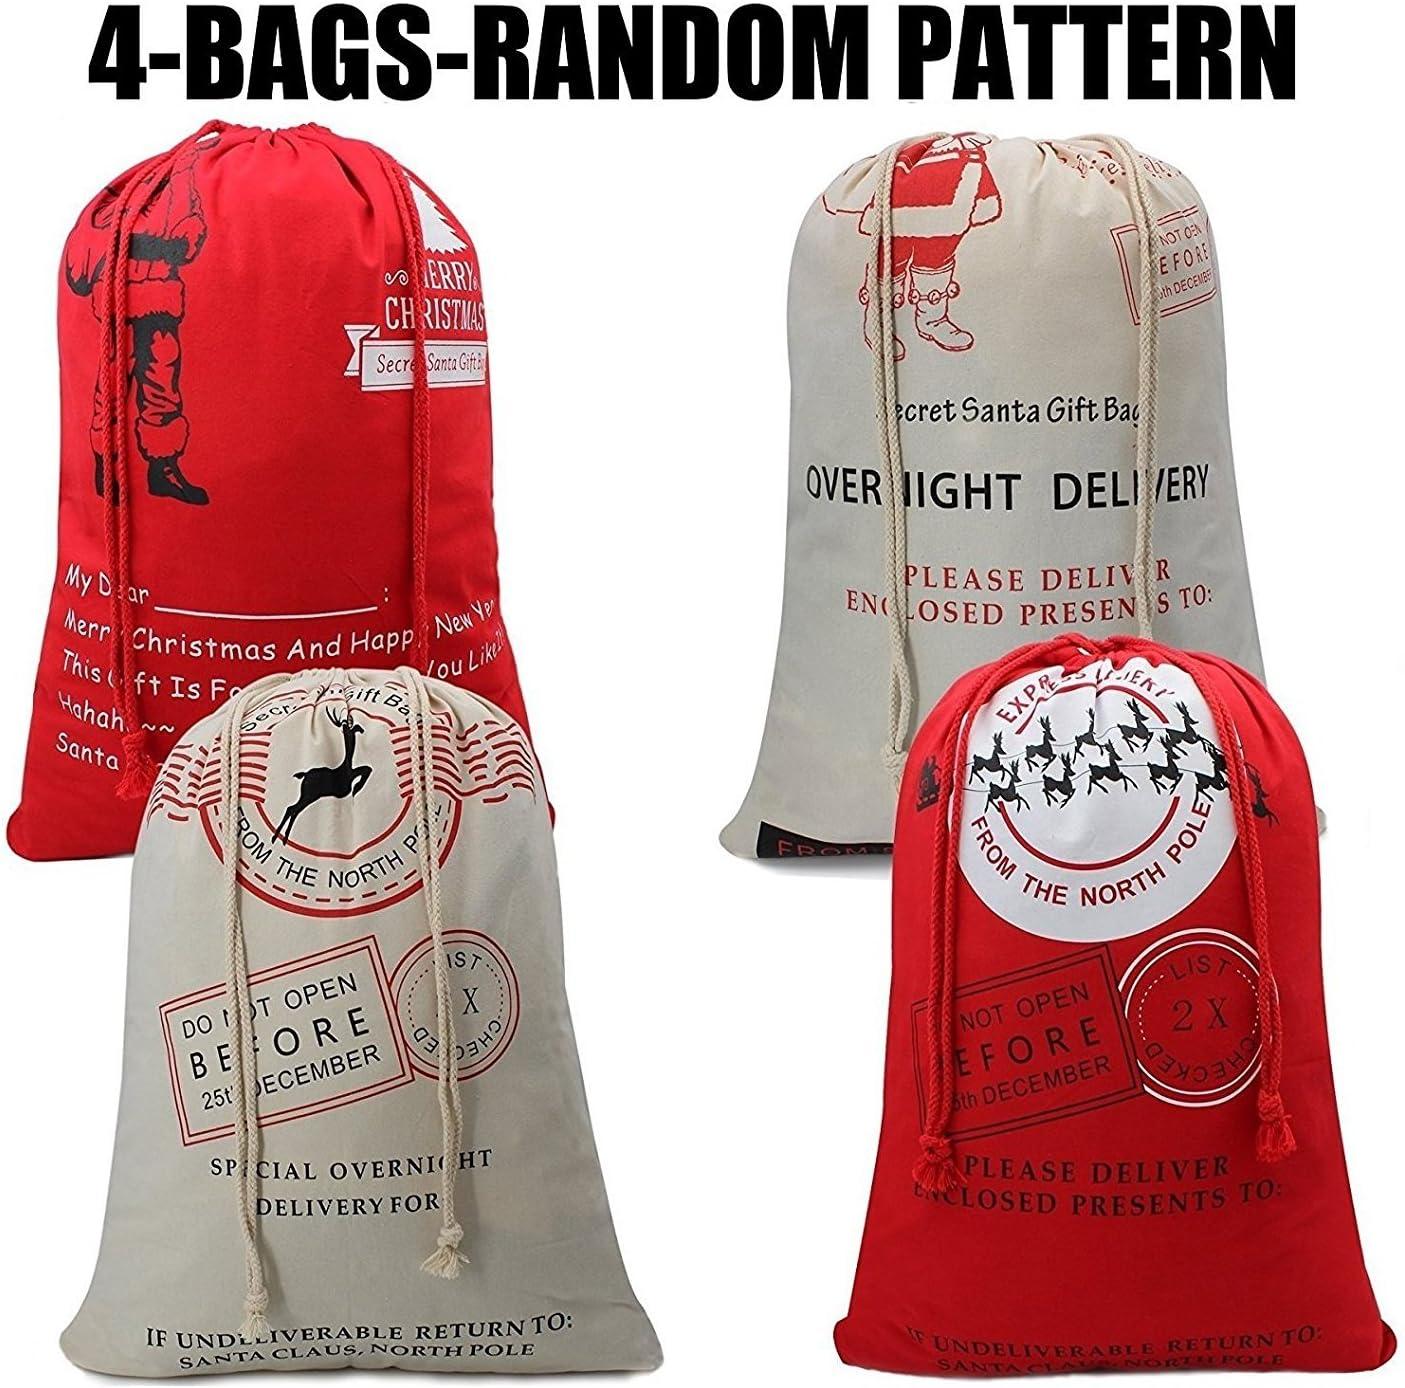 25th December Christmas Treats Santa Special Delivery Bag Santa Delivery Christmas Bag Santa Sack